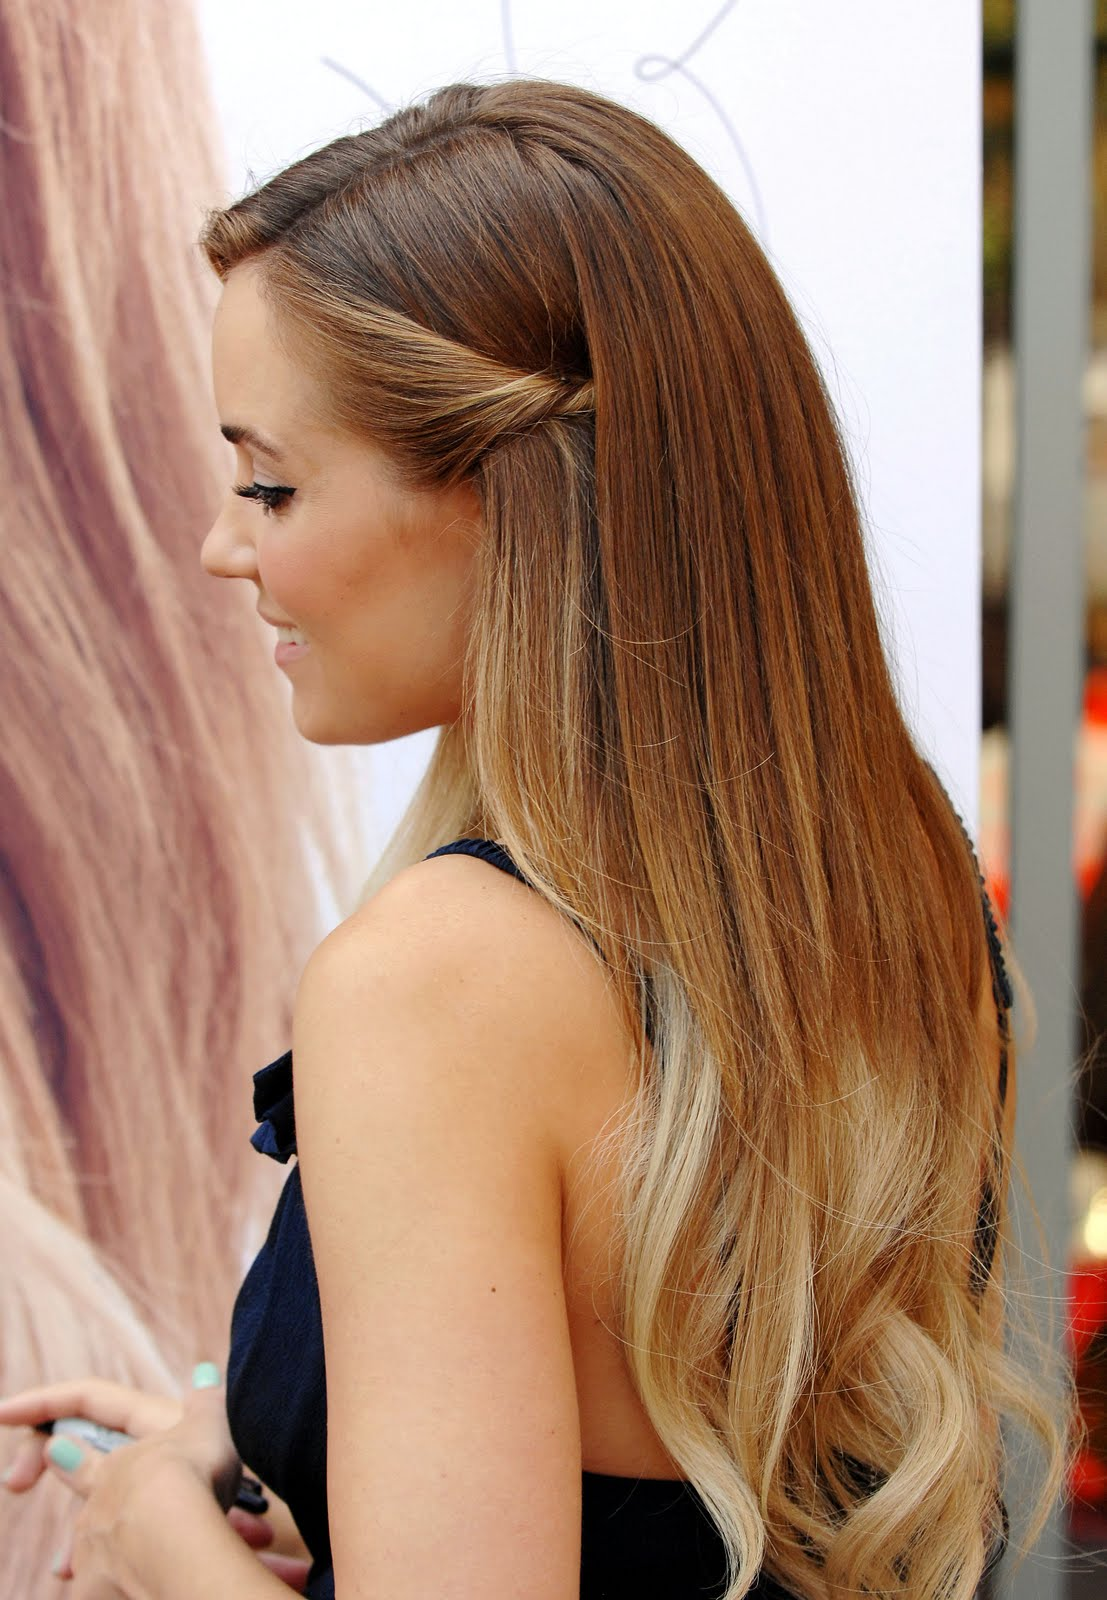 Malycheva contre la chute des cheveux